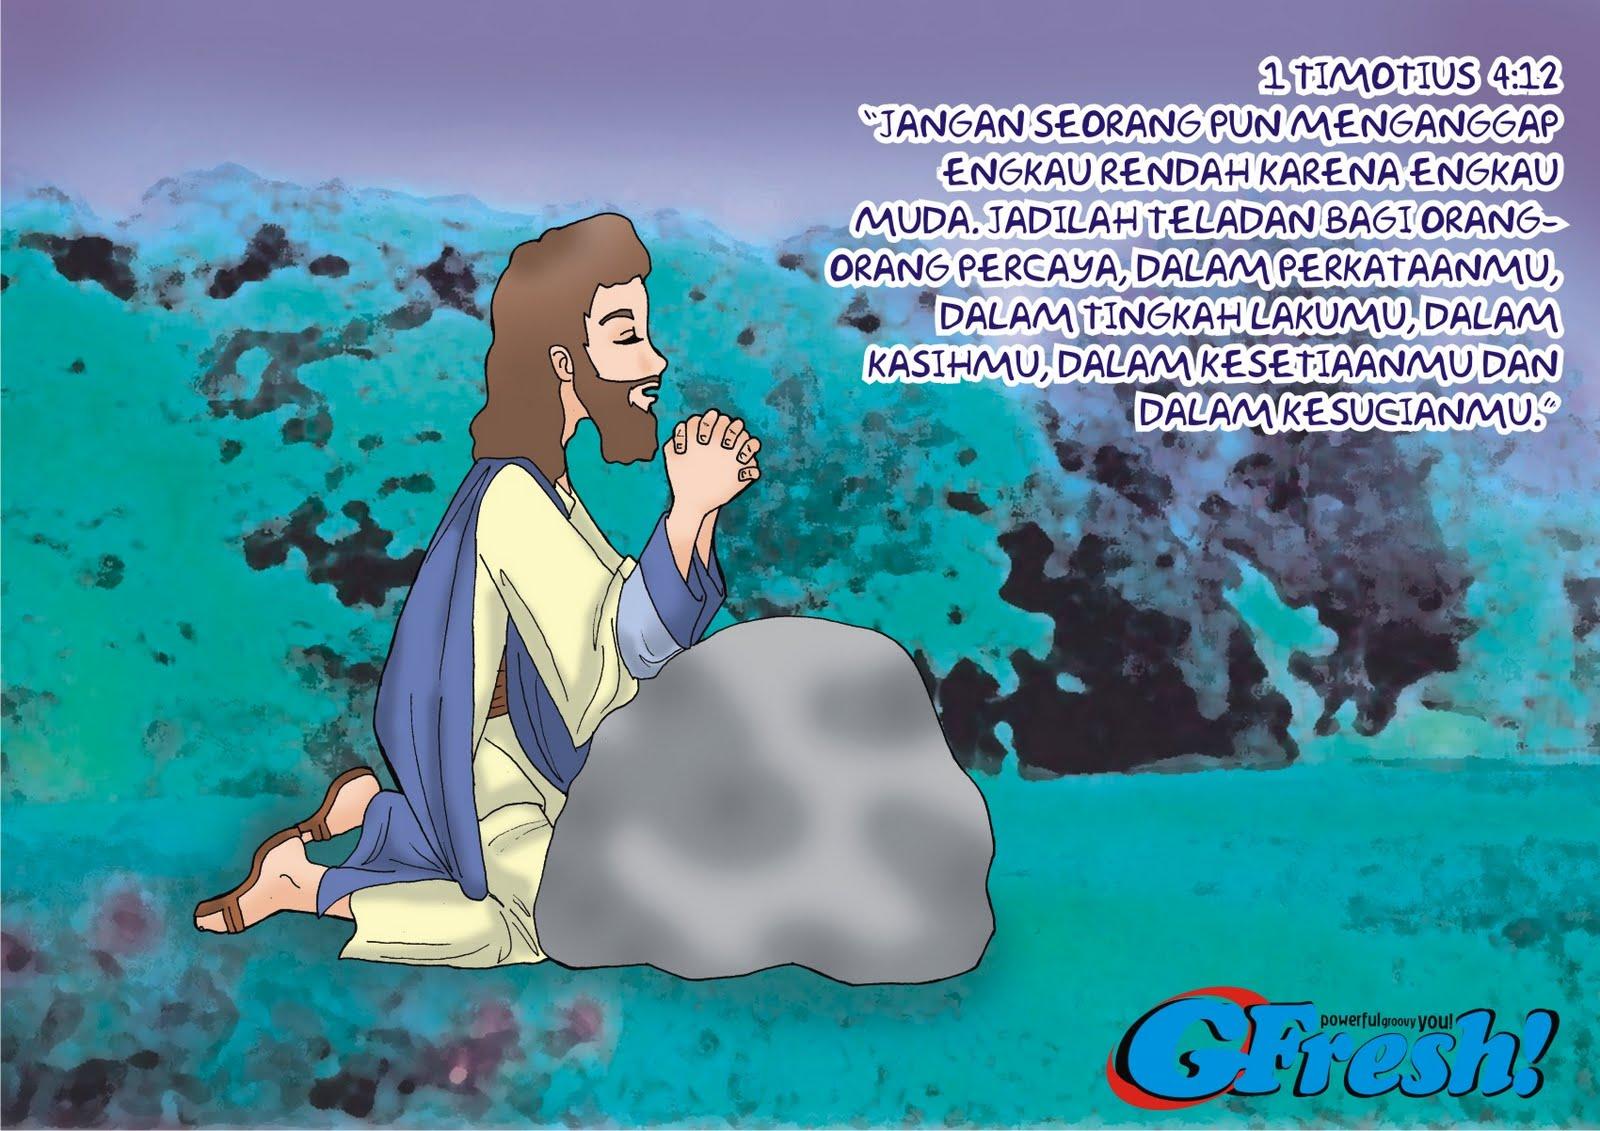 Kata Mutiara Firman Tuhan Untuk Pacar Quotemutiara Quotemutiara